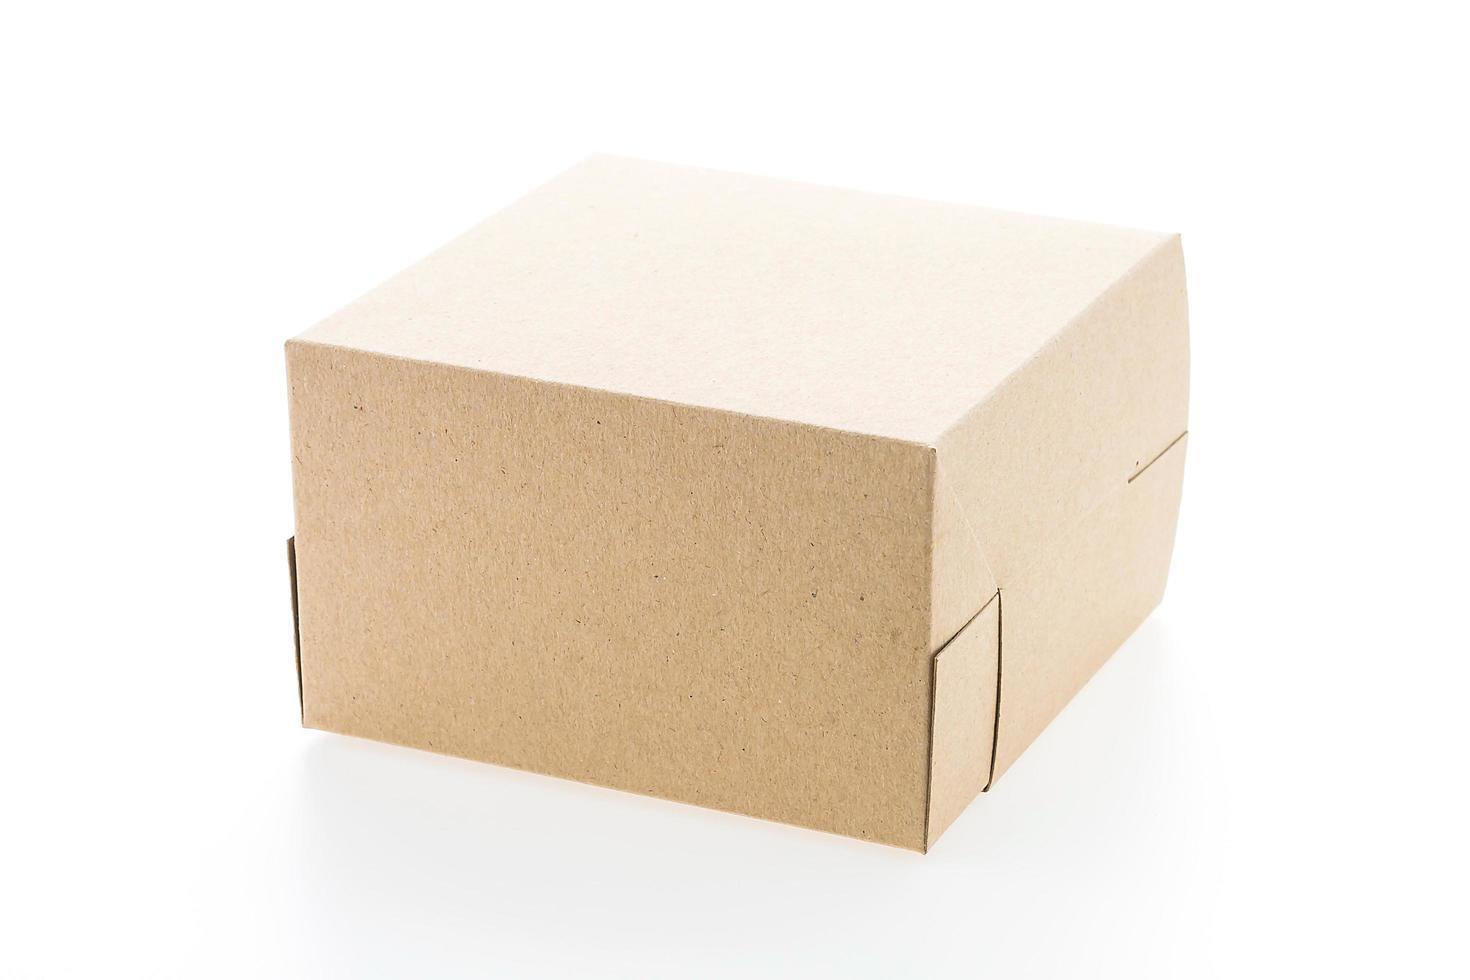 boîte de papier brun photo